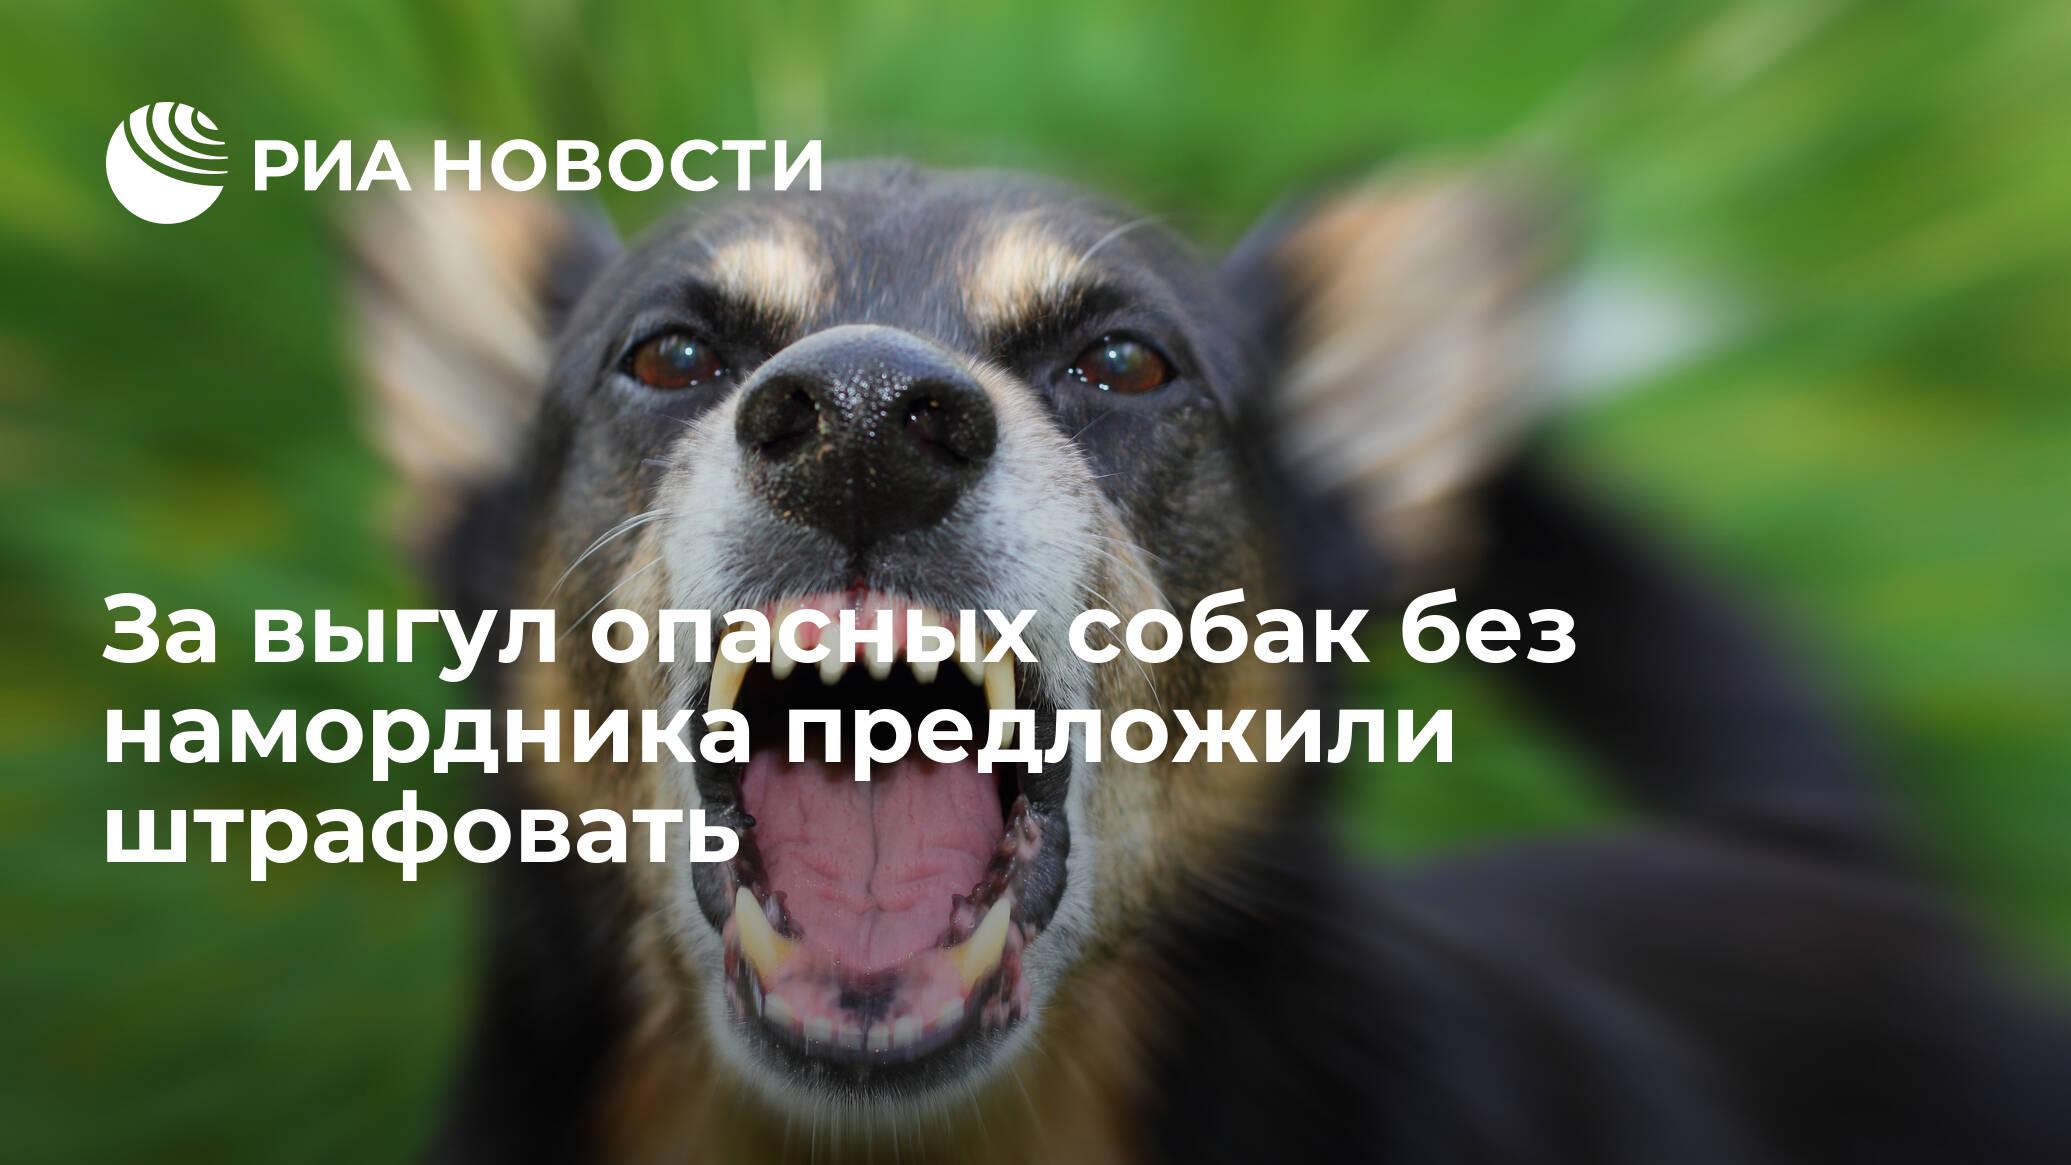 За выгул опасных собак без намордника предложили штрафовать